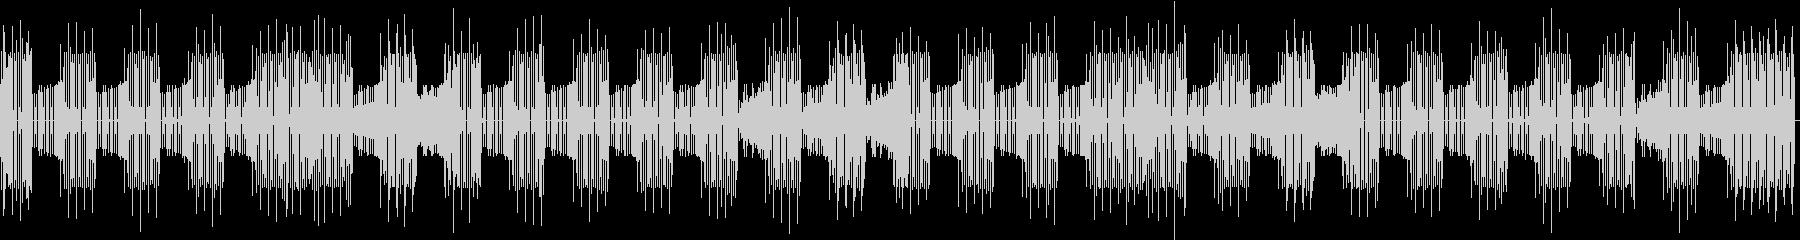 喋り動画用_ローテンポな電子ビートBGMの未再生の波形